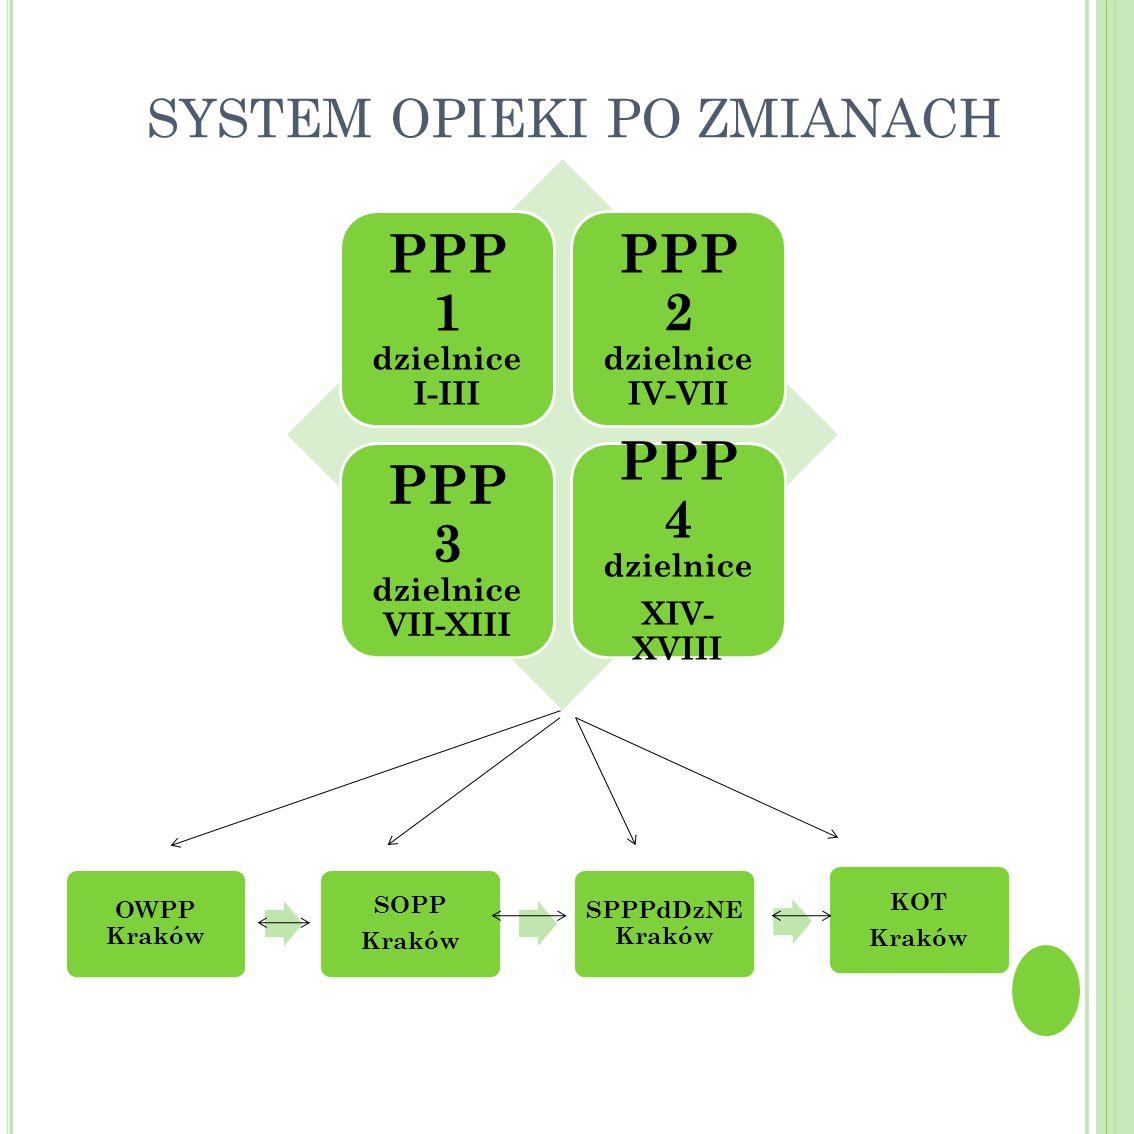 SYSTEM OPIEKI PO ZMIANACH PPP 1 dzielnice I-III PPP 2 dzielnice IV-VII PPP 3 dzielnice VII-XIII PPP 4 dzielnice XIV- XVIII OWPP Kraków SOPP Kraków SPP